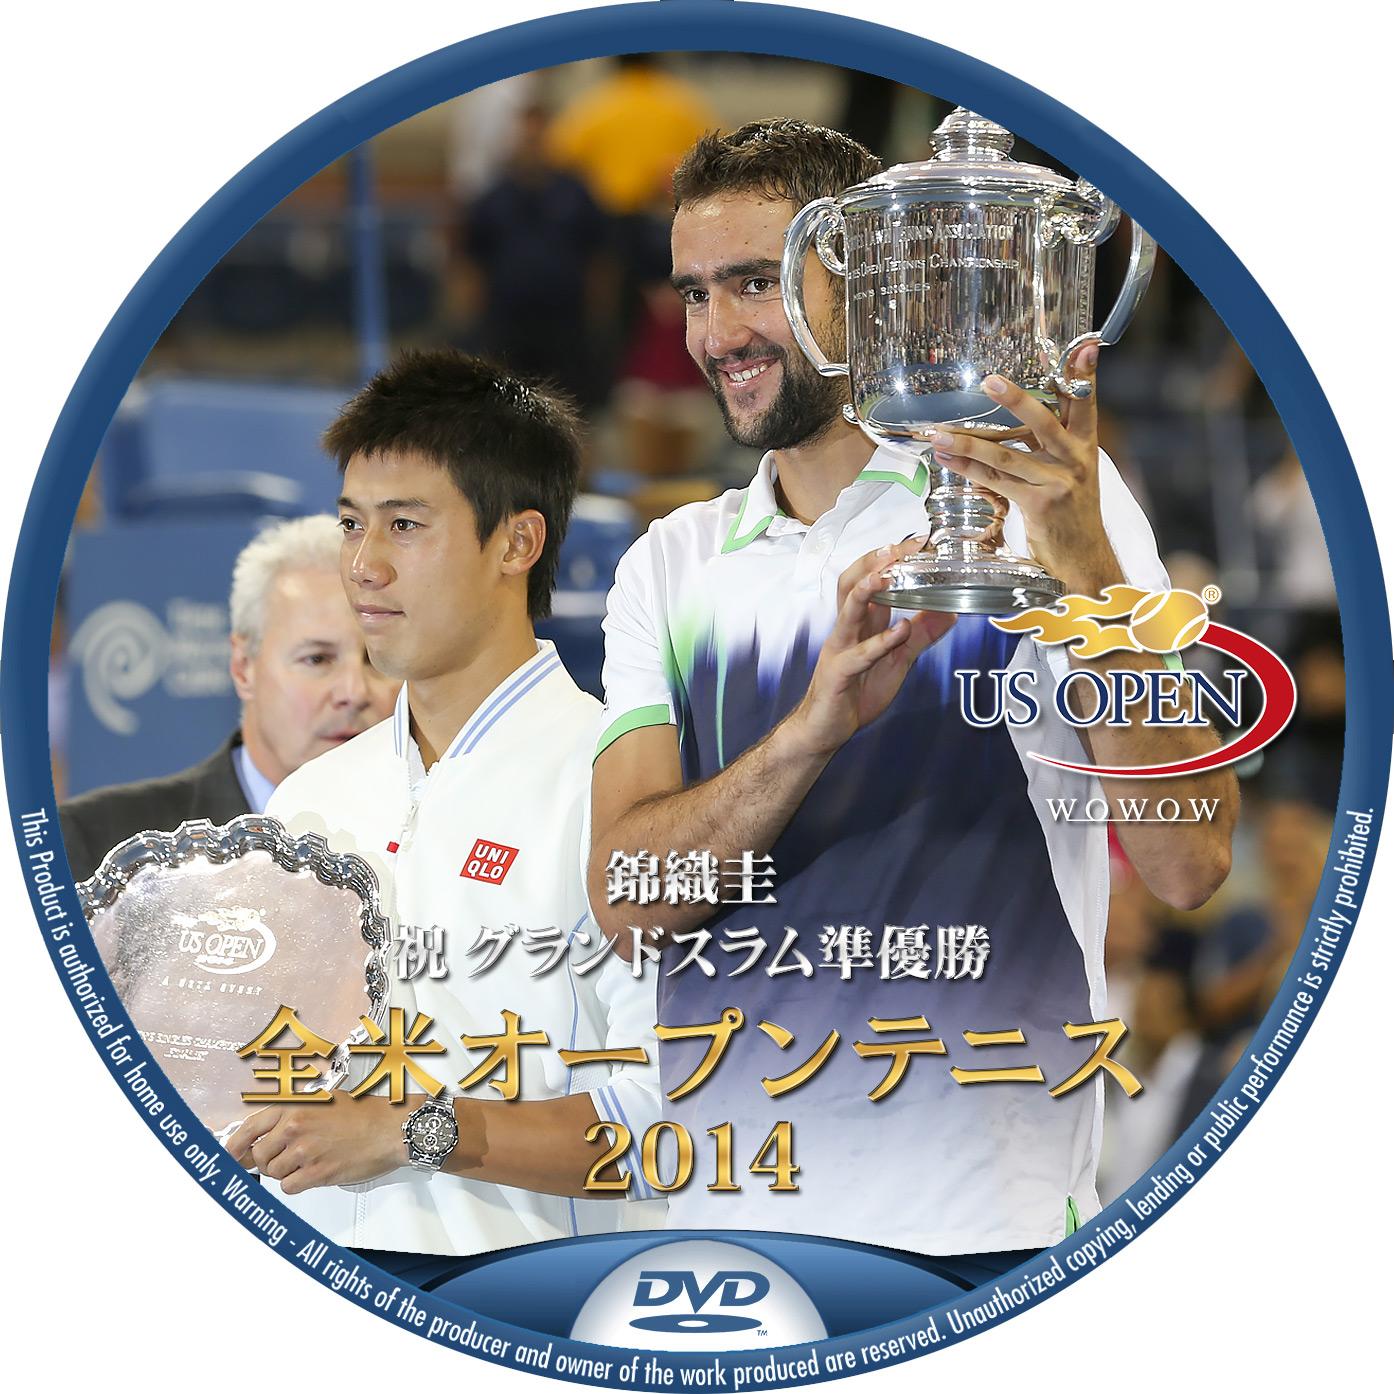 全米オープン 2014 錦織圭 DVDラベル